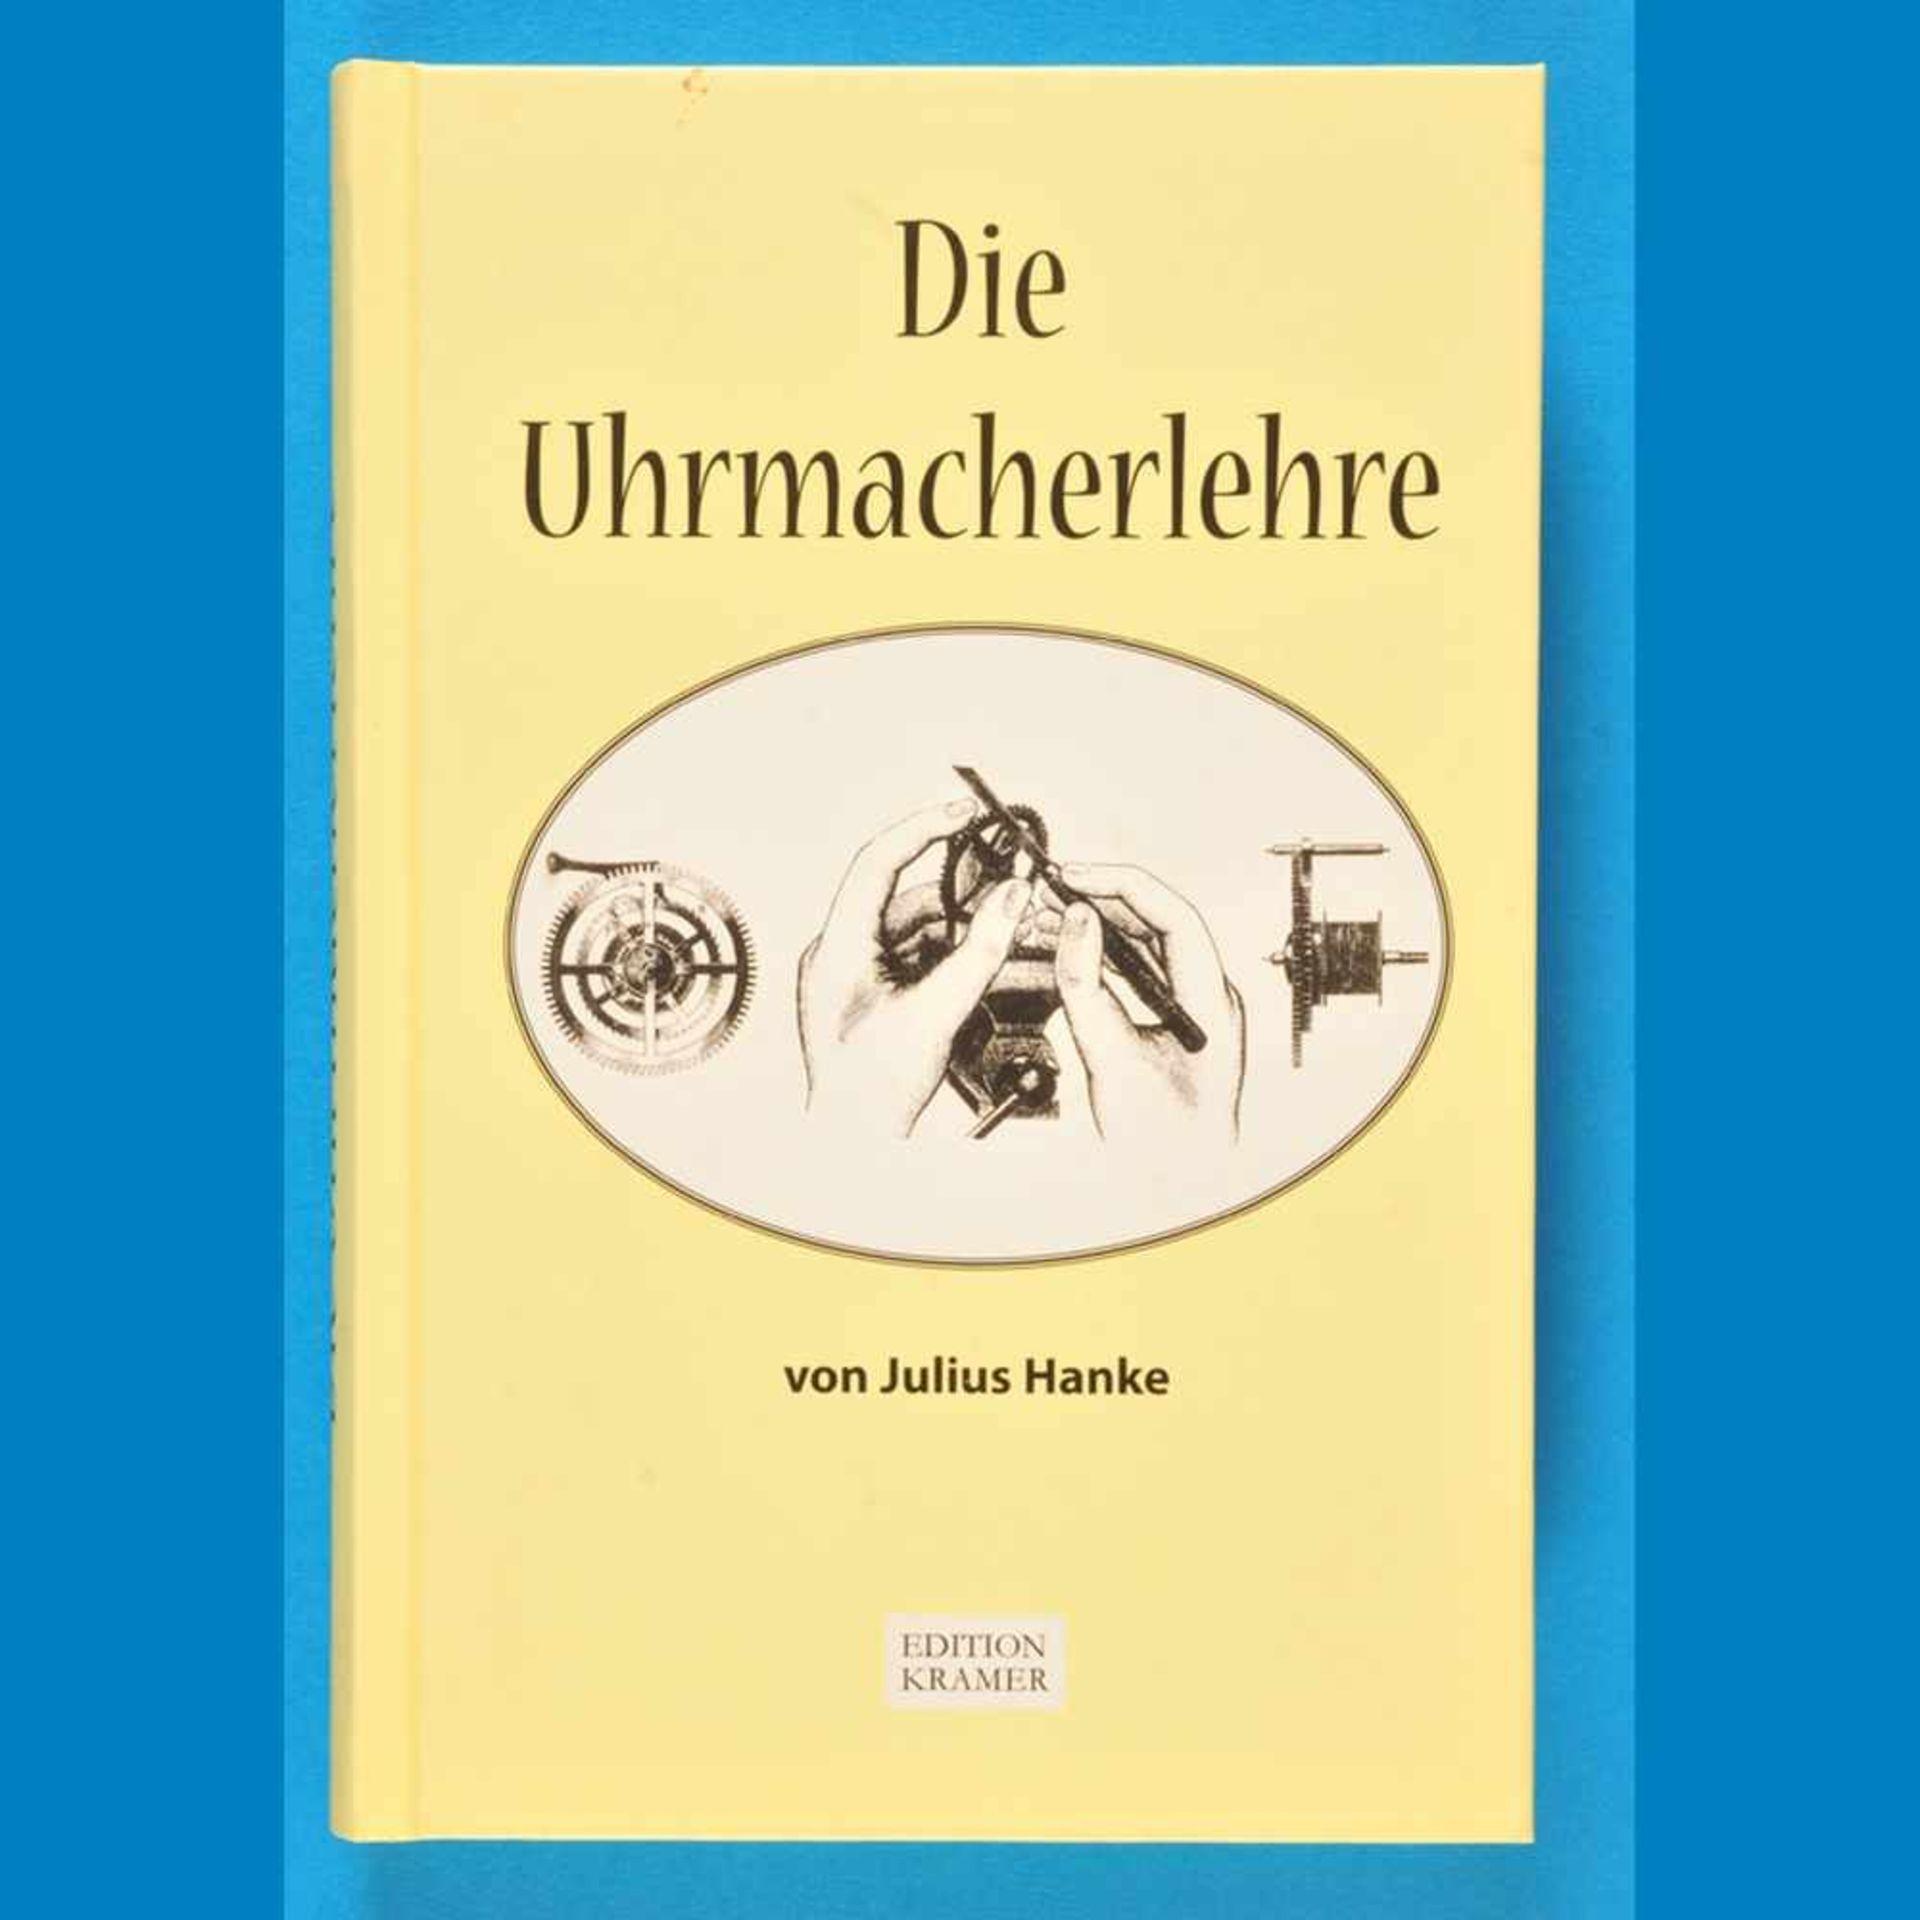 J. Hanke, Die Uhrmacher-Lehre - Leitfaden der praktischen und theoretischen Uhrmacherei, Reprint der